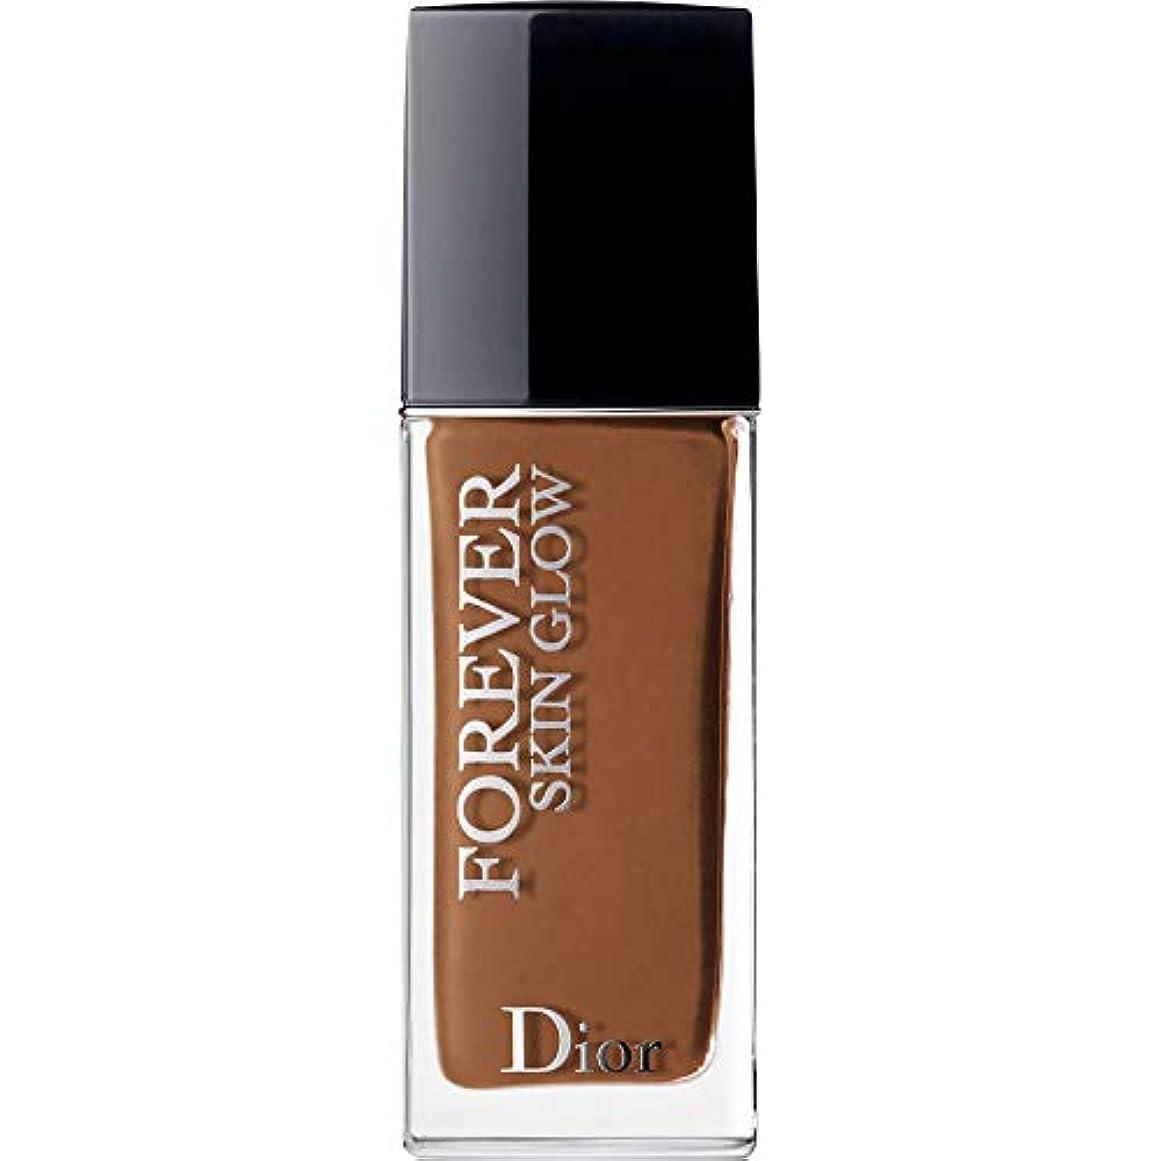 乱雑なグレートオーククリーム[Dior ] ディオール永遠に皮膚グロー皮膚思いやりの基礎Spf35 30ミリリットルの8N - ニュートラル(肌の輝き) - DIOR Forever Skin Glow Skin-Caring Foundation...